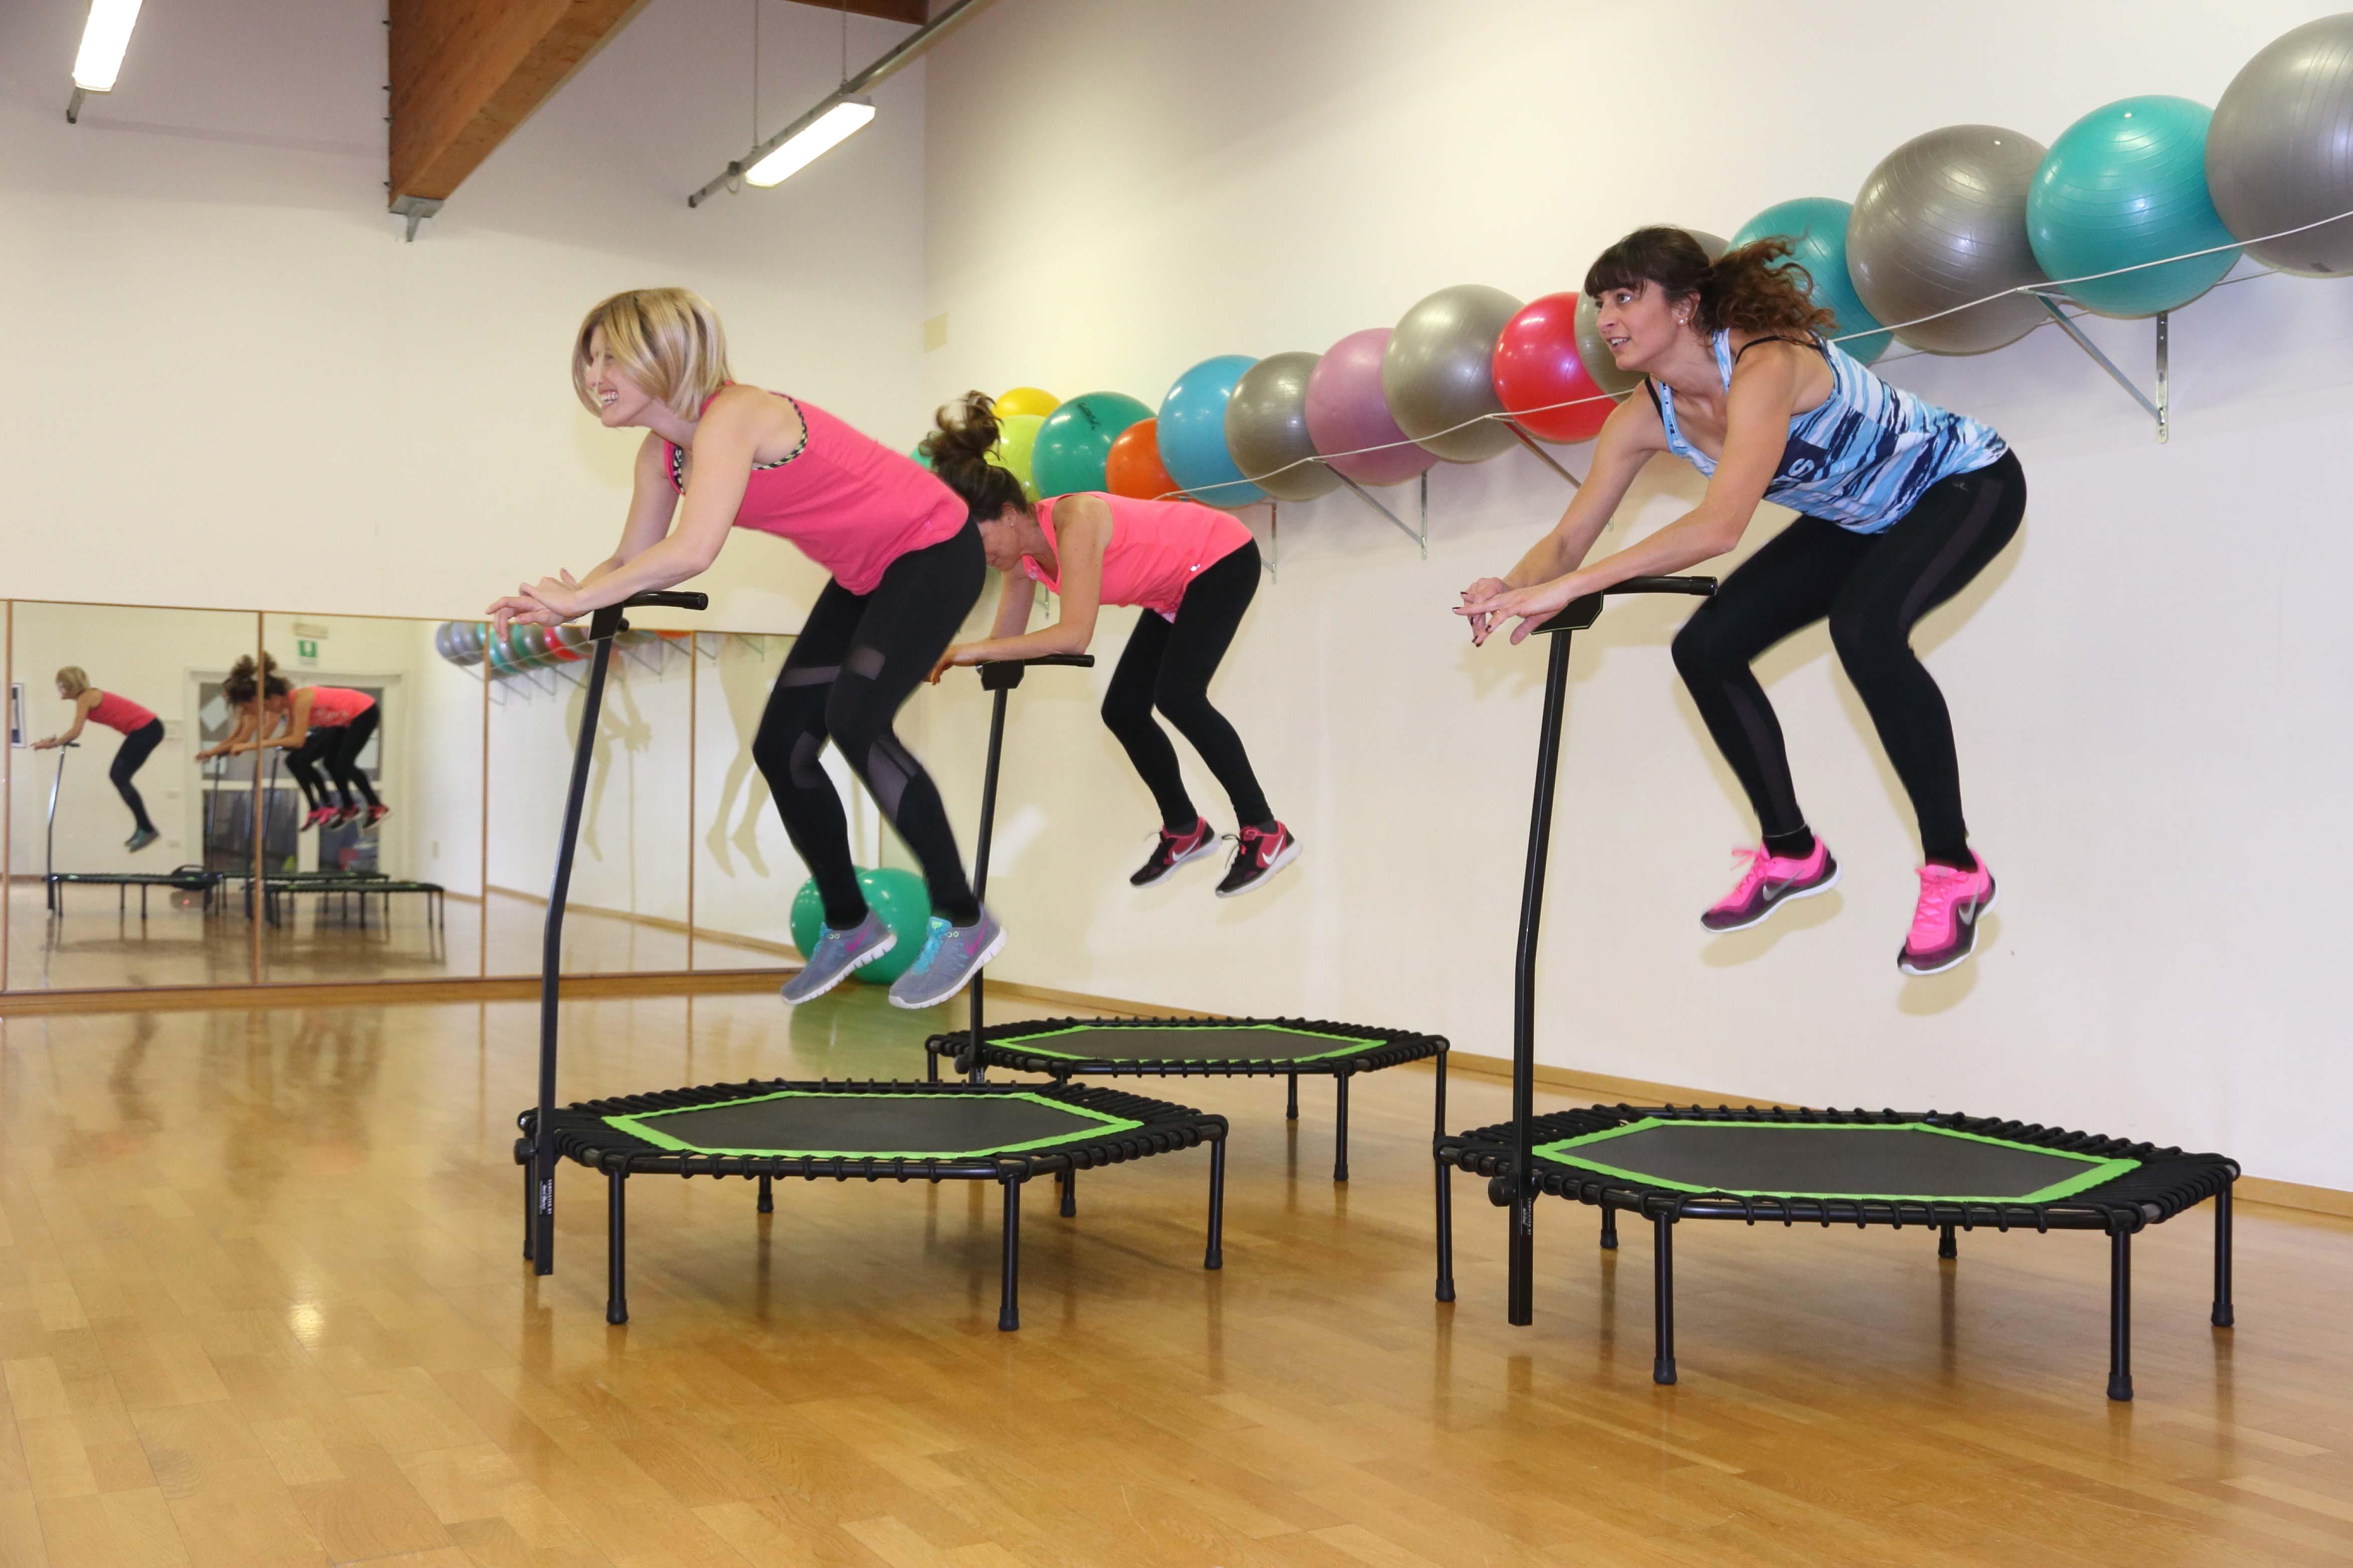 esercizi di fitness musicale con trampolino